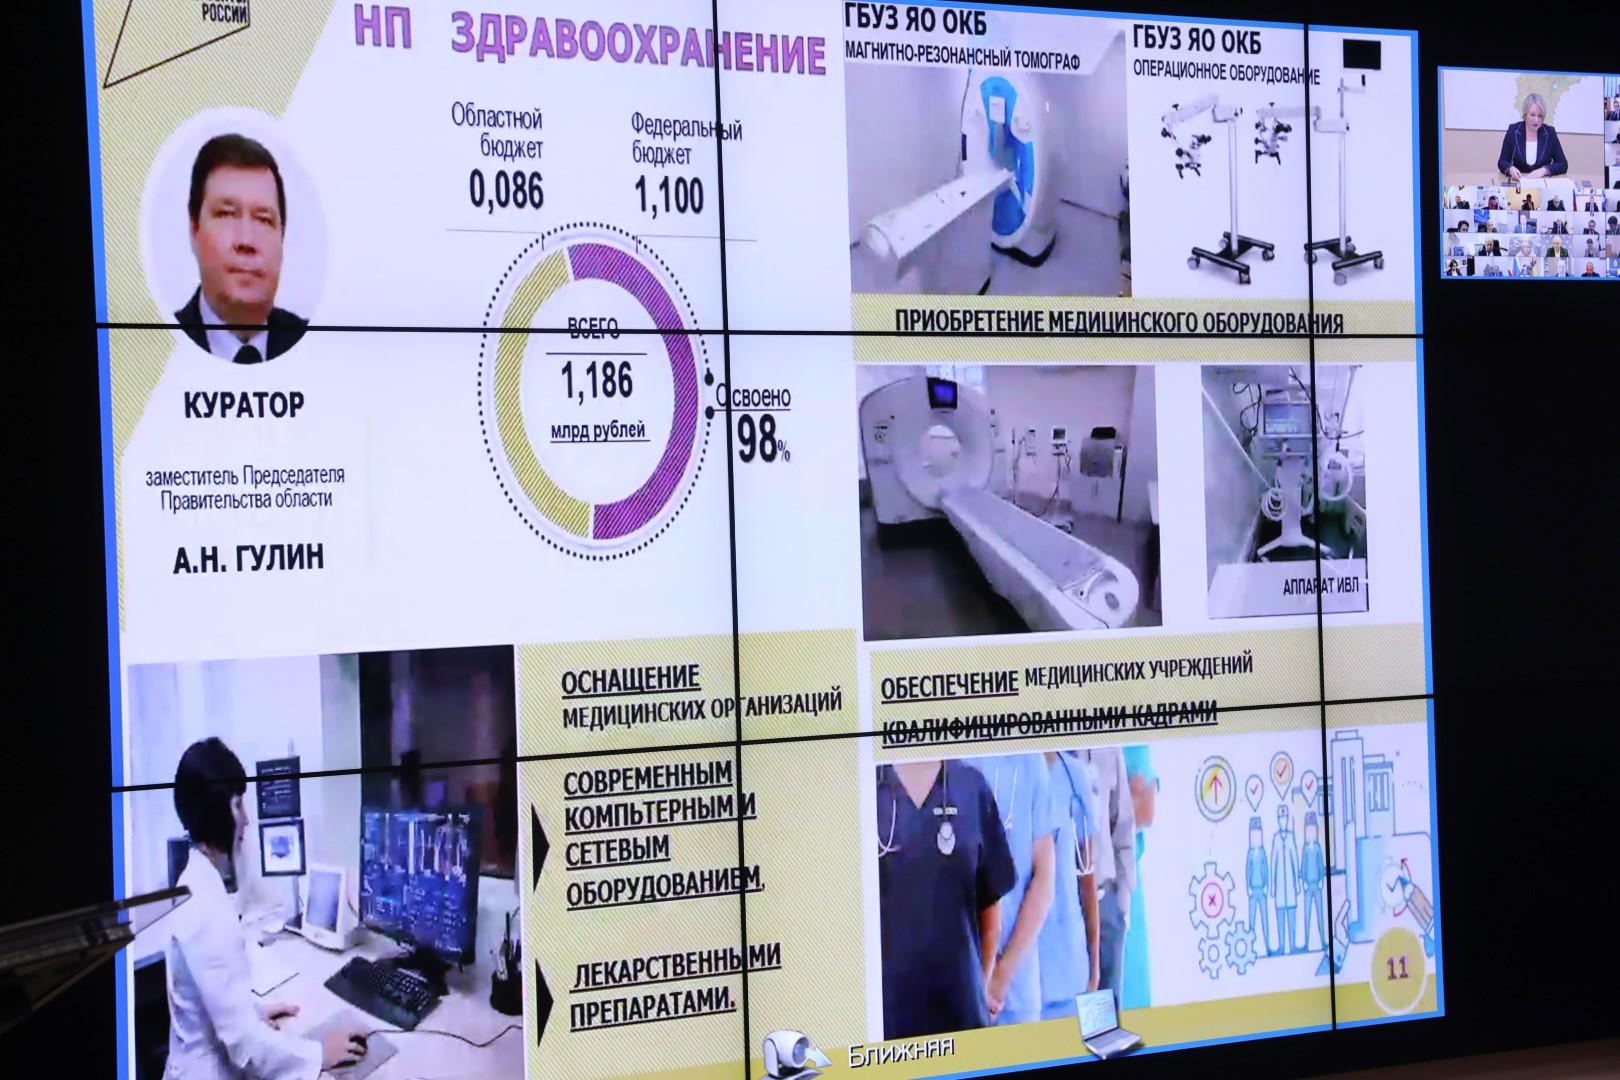 Дмитрий Миронов: в 2020-м Ярославская область завоевала второе место среди регионов ЦФО